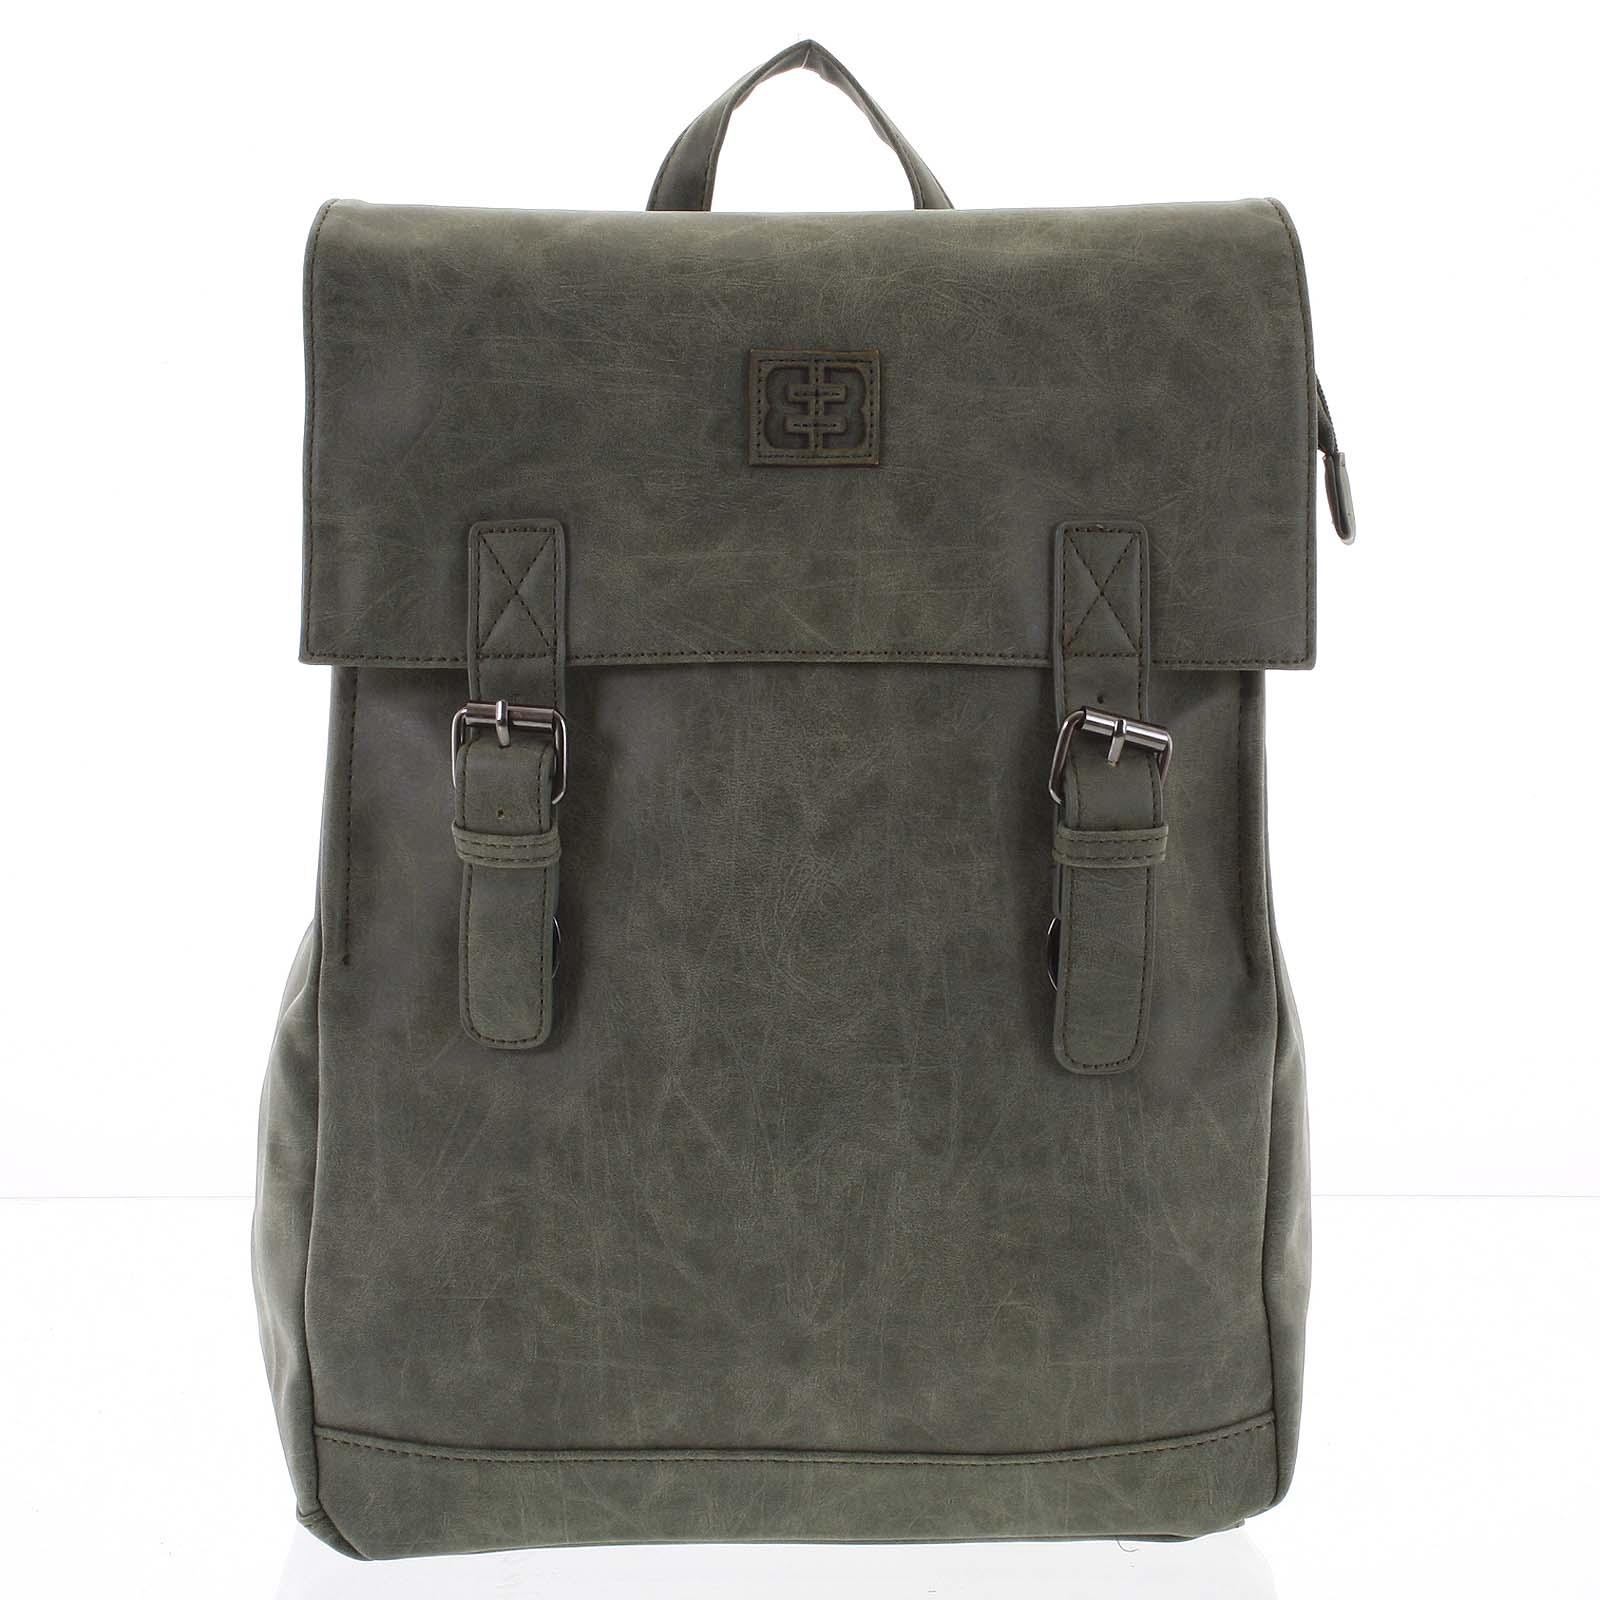 Módny štýlový batoh olivovozelený - Enrico Benetti Travers